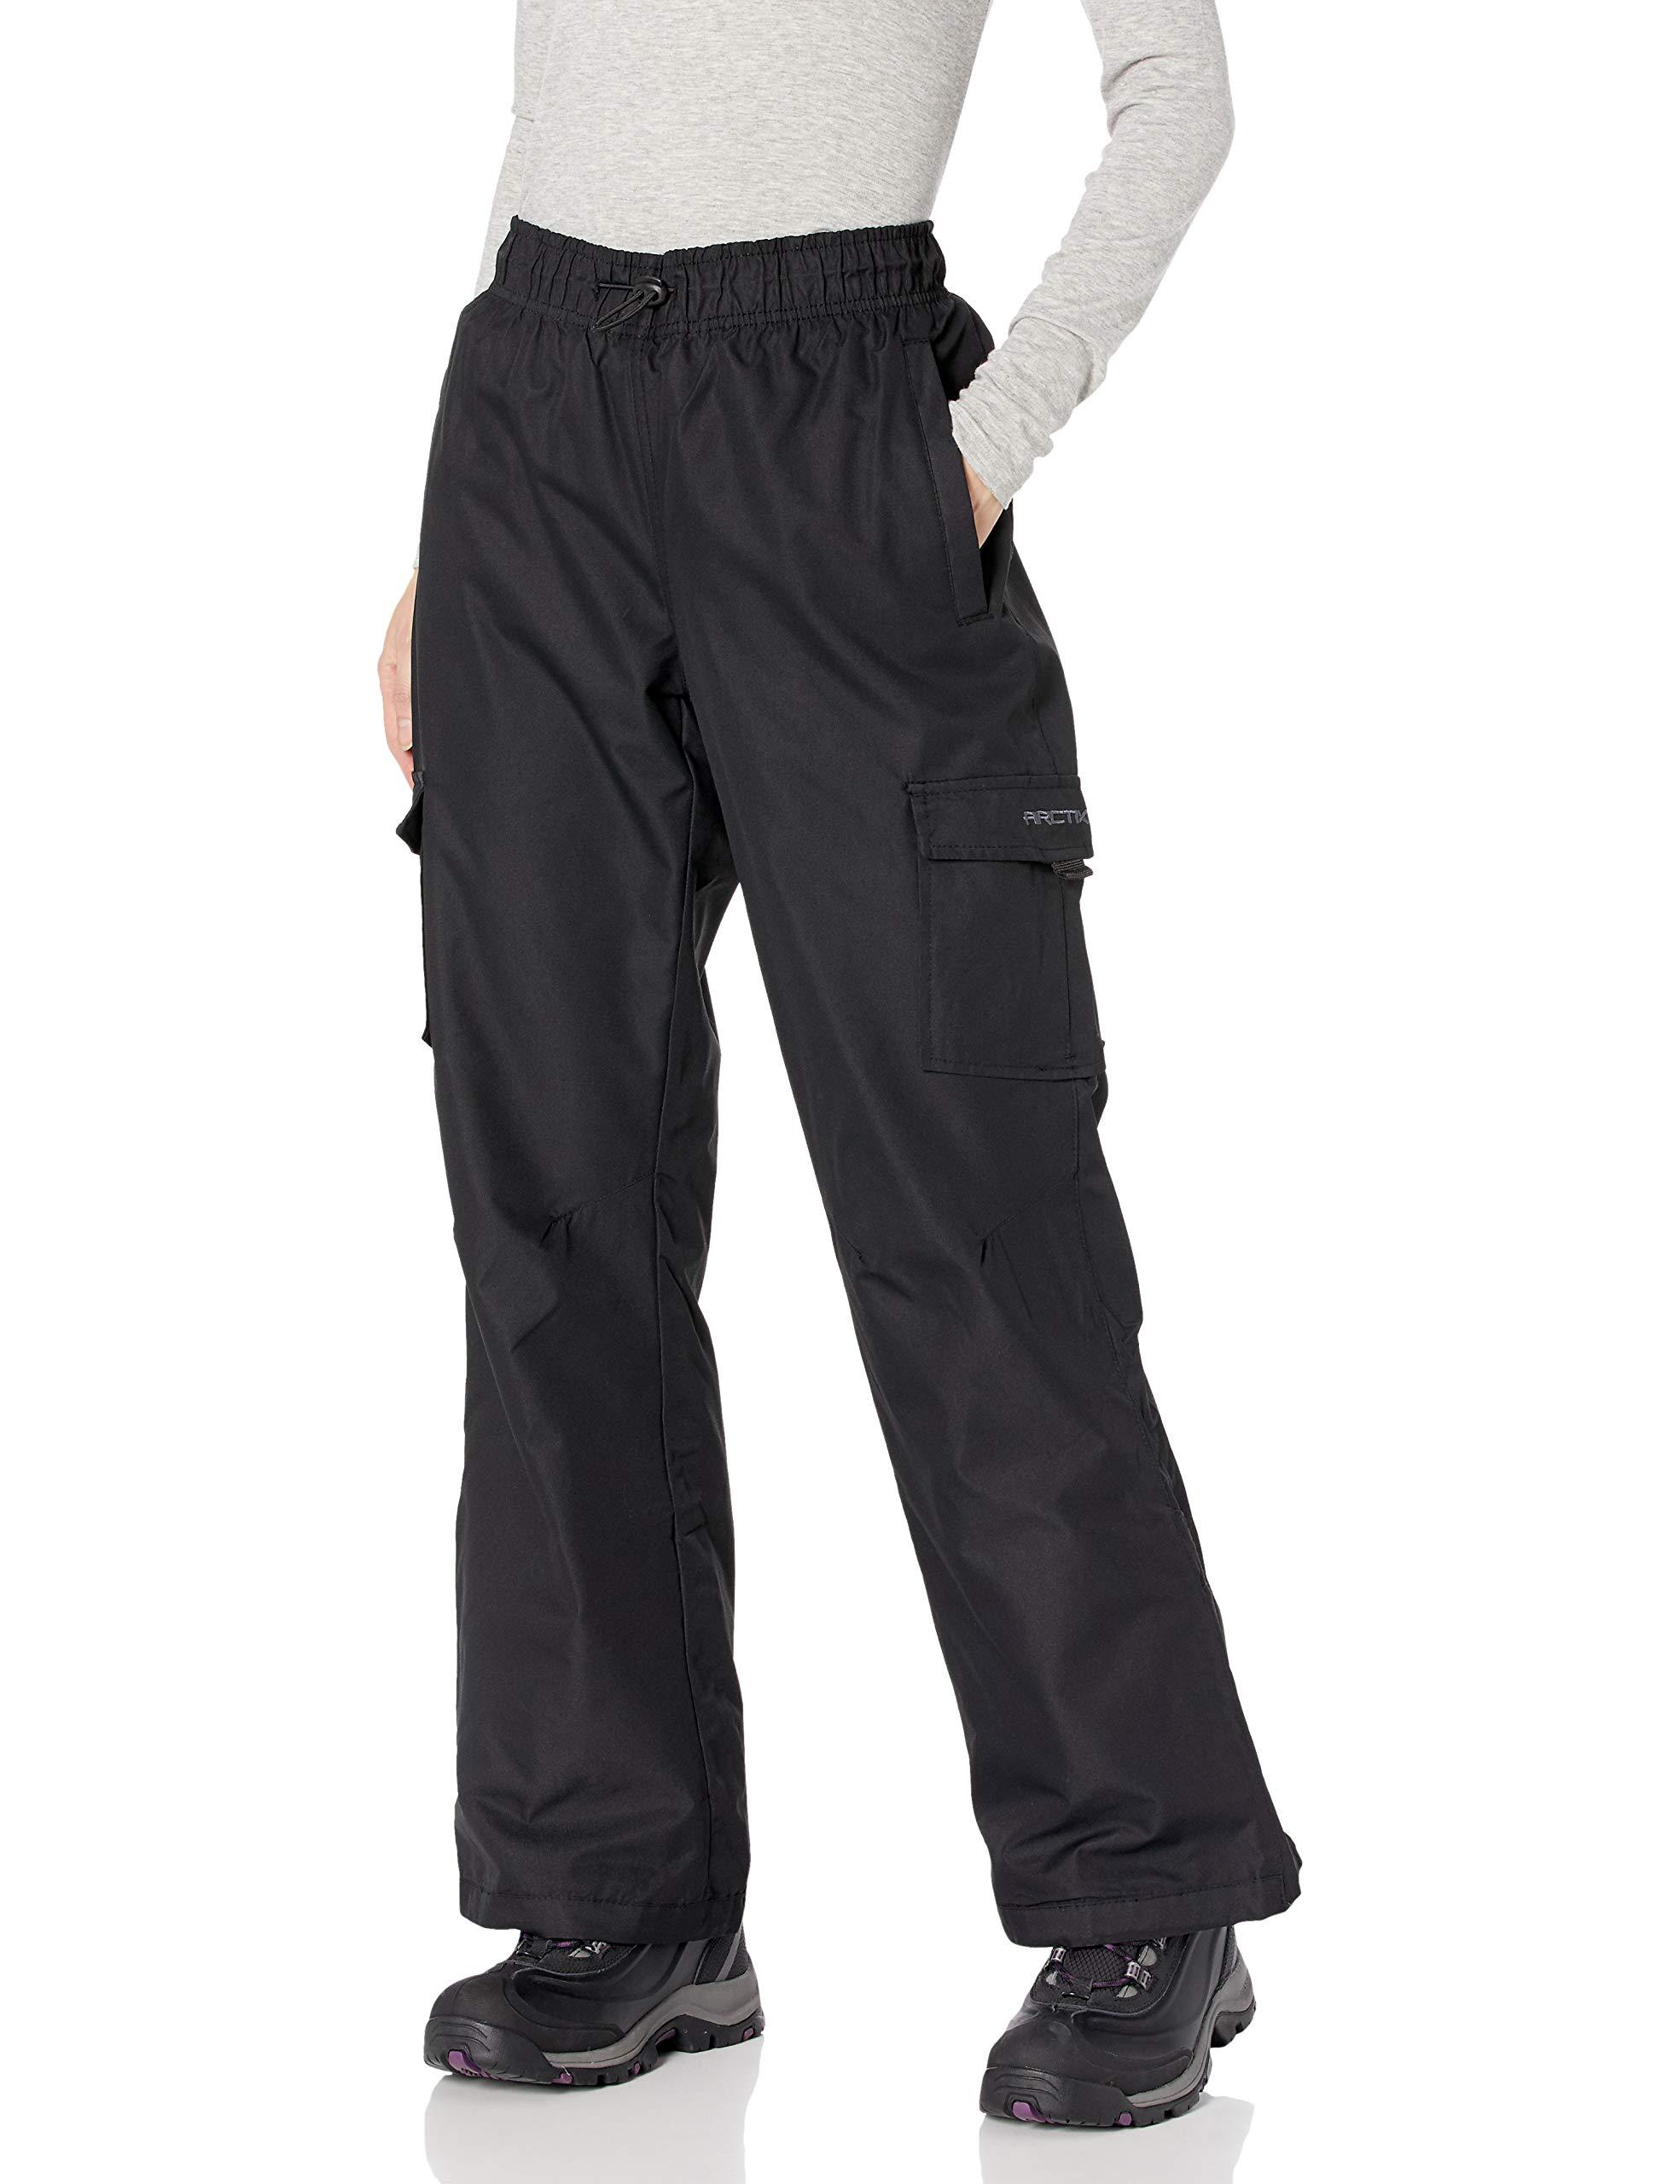 Arctix Women's Lumi Fleece Lined Cargo Pant Skiing-Pants